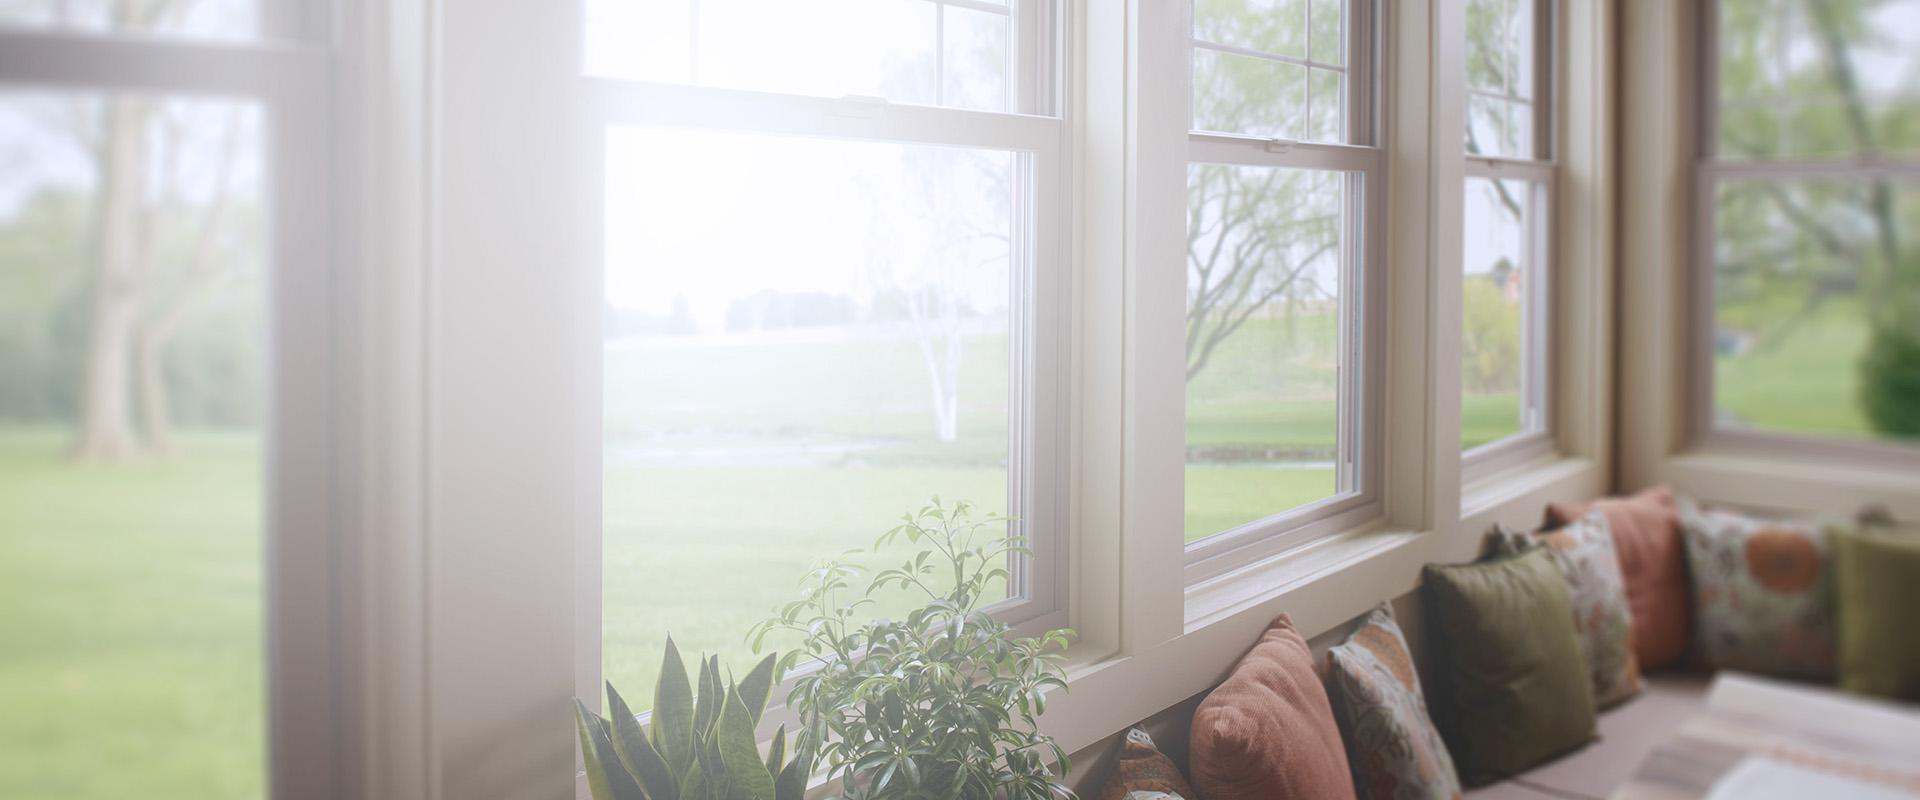 Картинка фоновая окно в коттедж